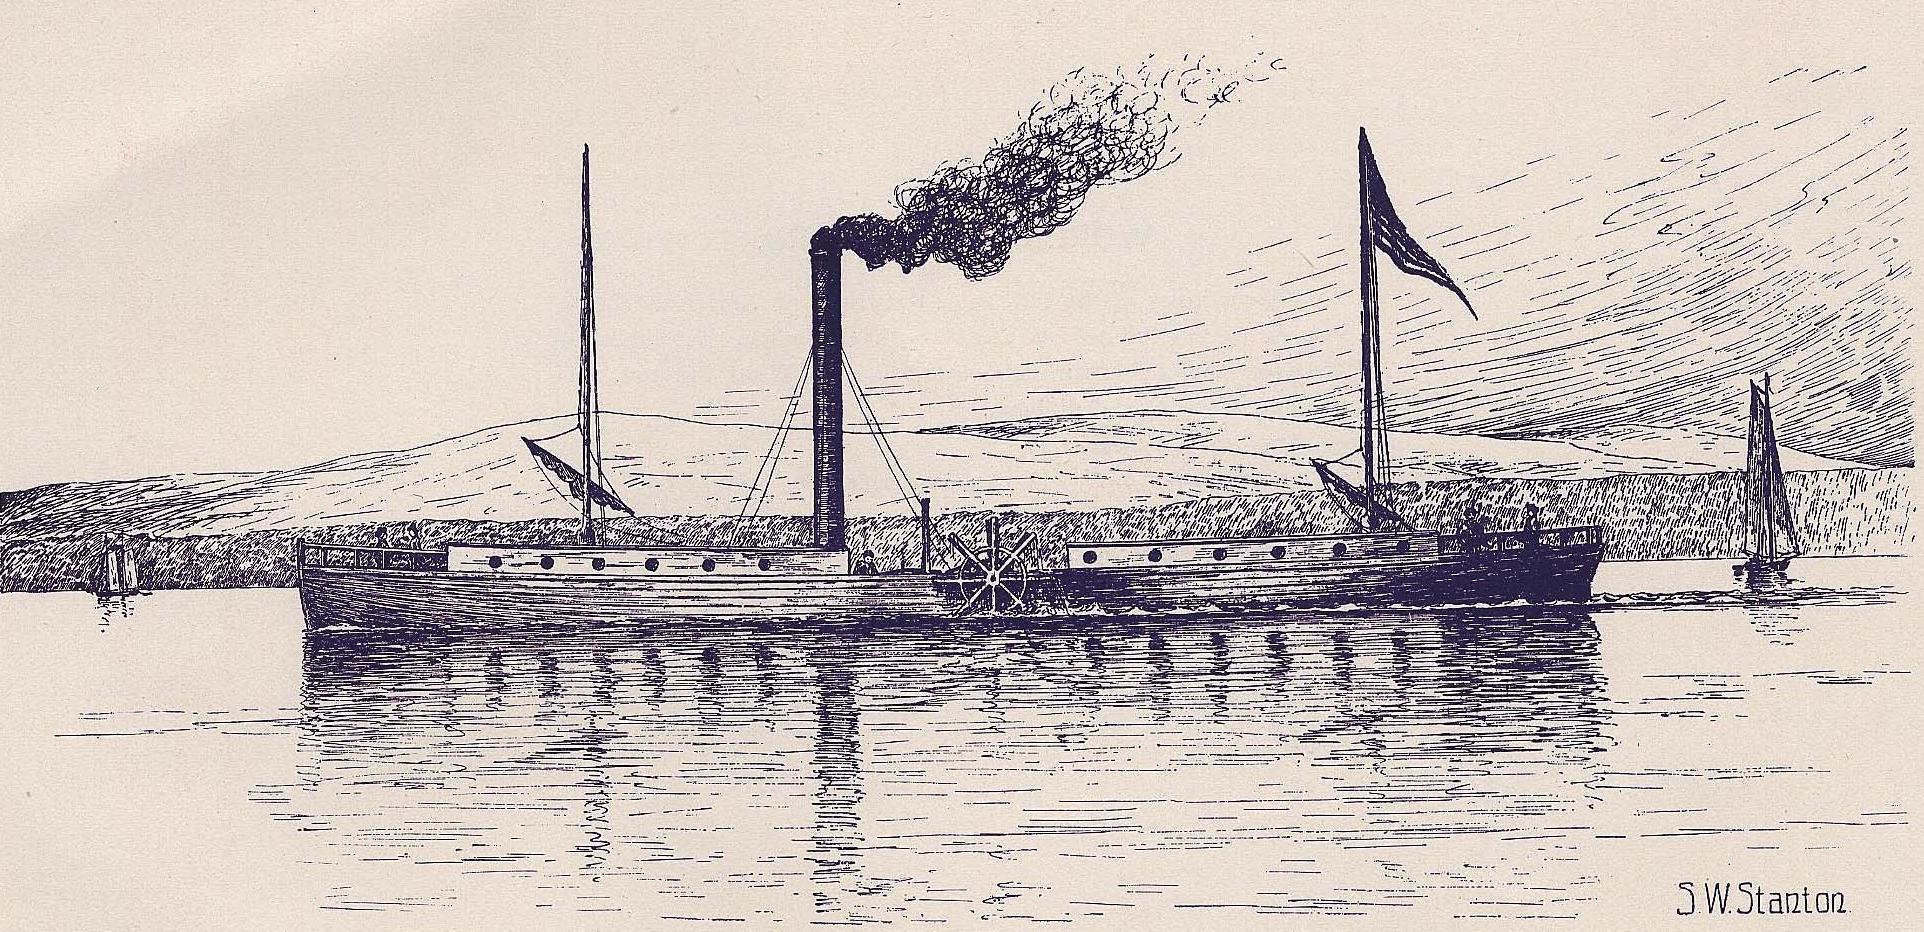 Die Clermont von Fulton gilt als das erste brauchbare Dampfschiff, zum Vortrieb wurden Schaufelräder verwendet.